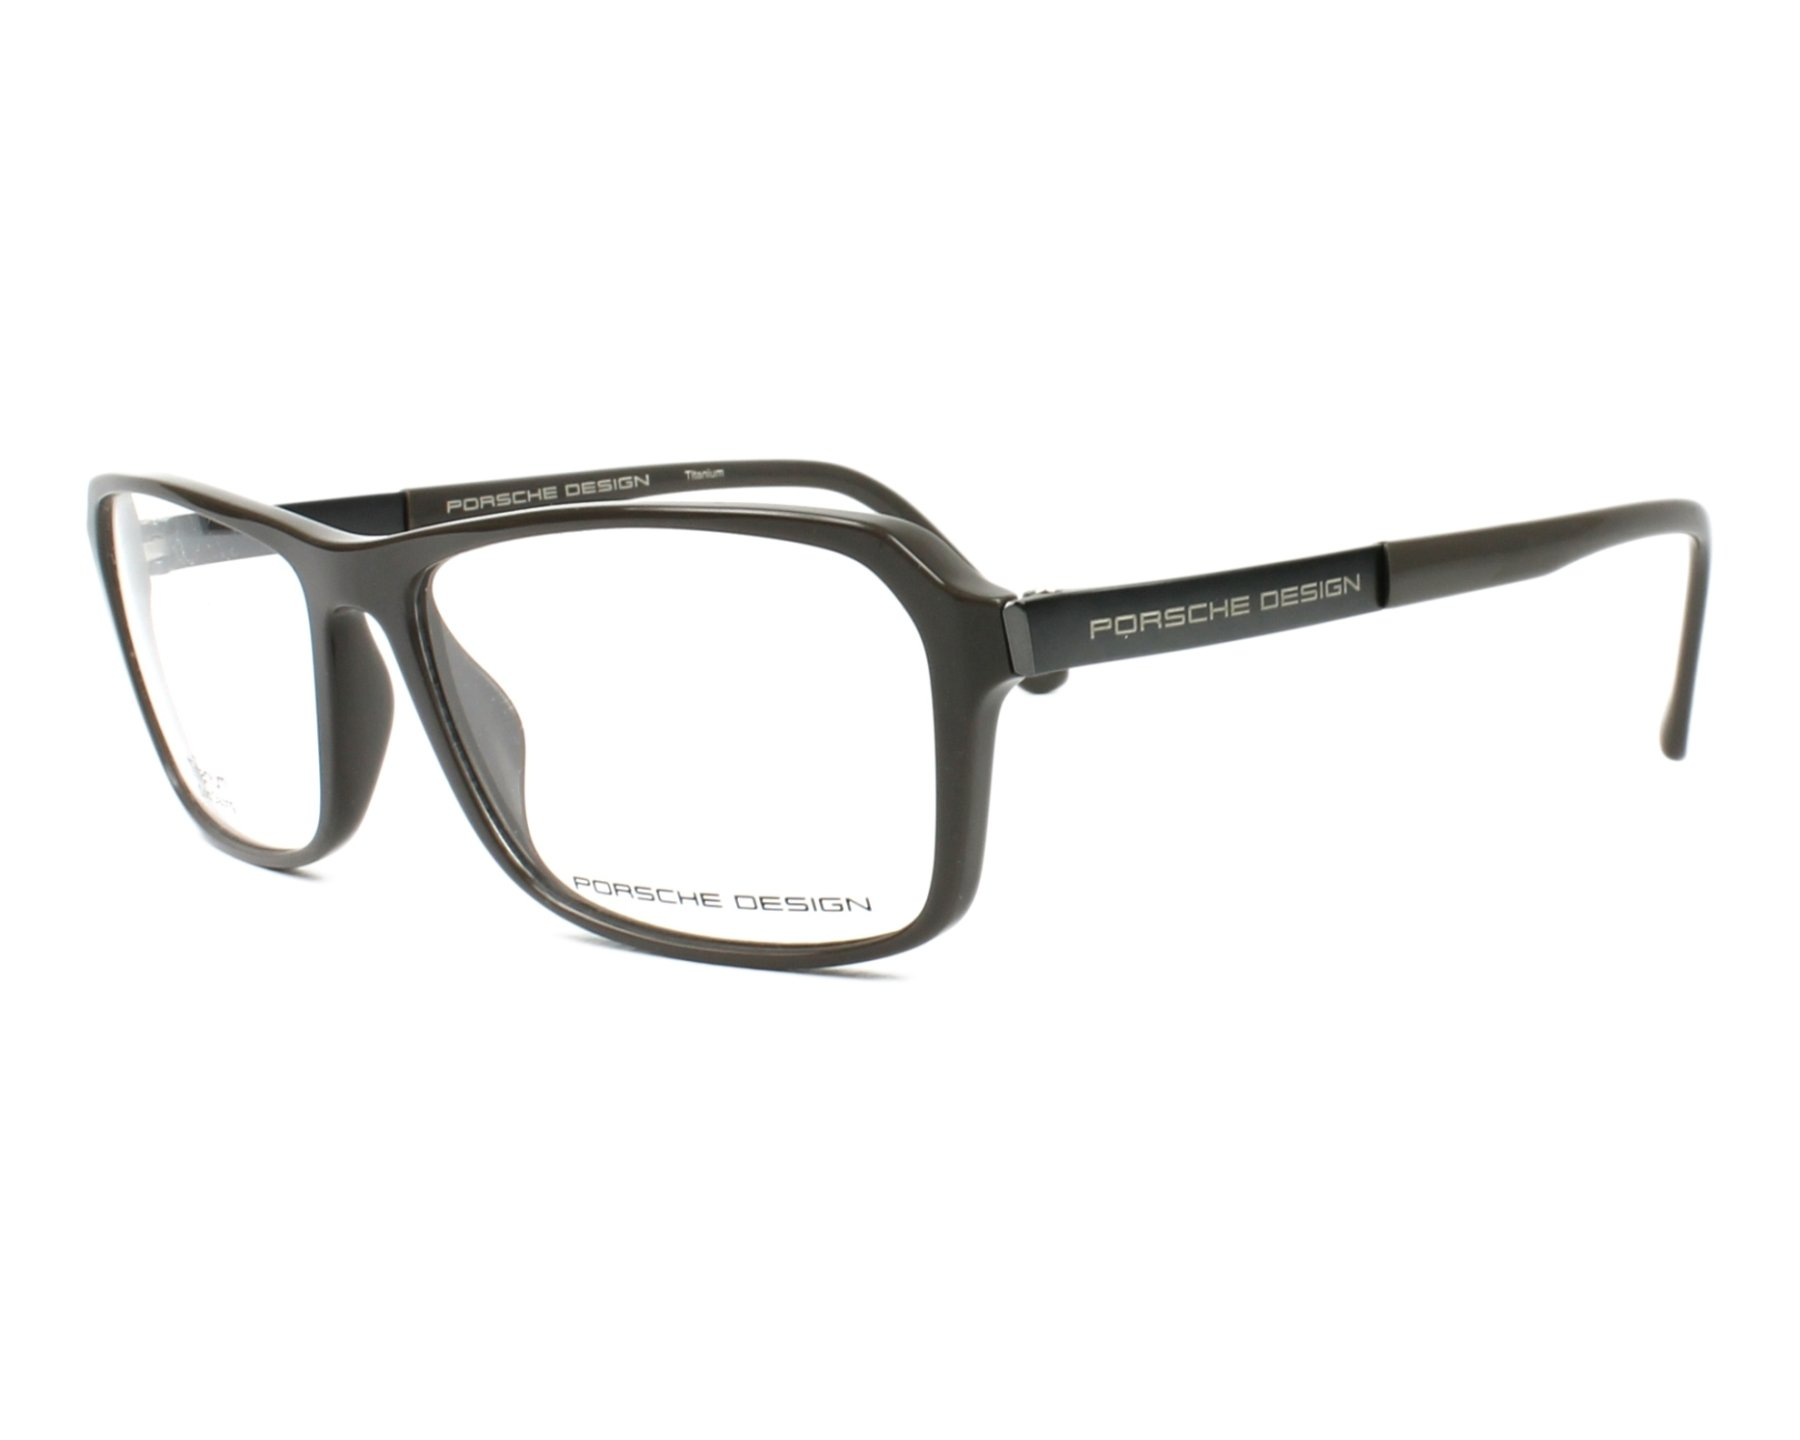 achat lunettes de vue porsche design p 8267 a visionet. Black Bedroom Furniture Sets. Home Design Ideas